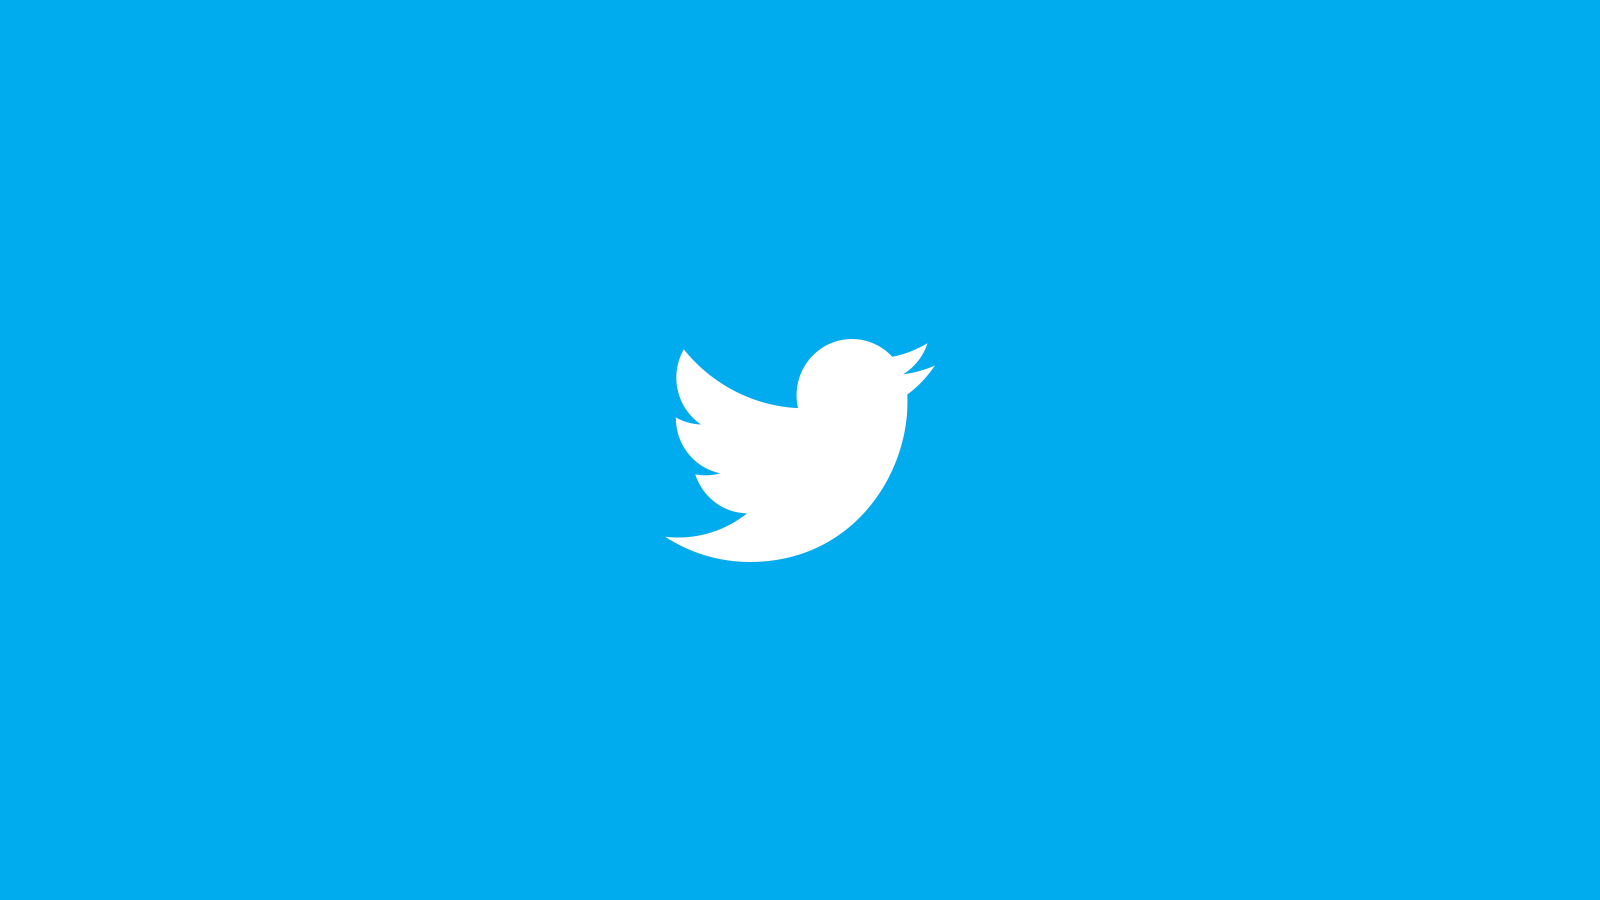 تقرير شفافية تويتر يكشف عن زيادة طلبات الحكومات للكشف عن بيانات مستخدميها بنسبة 50%